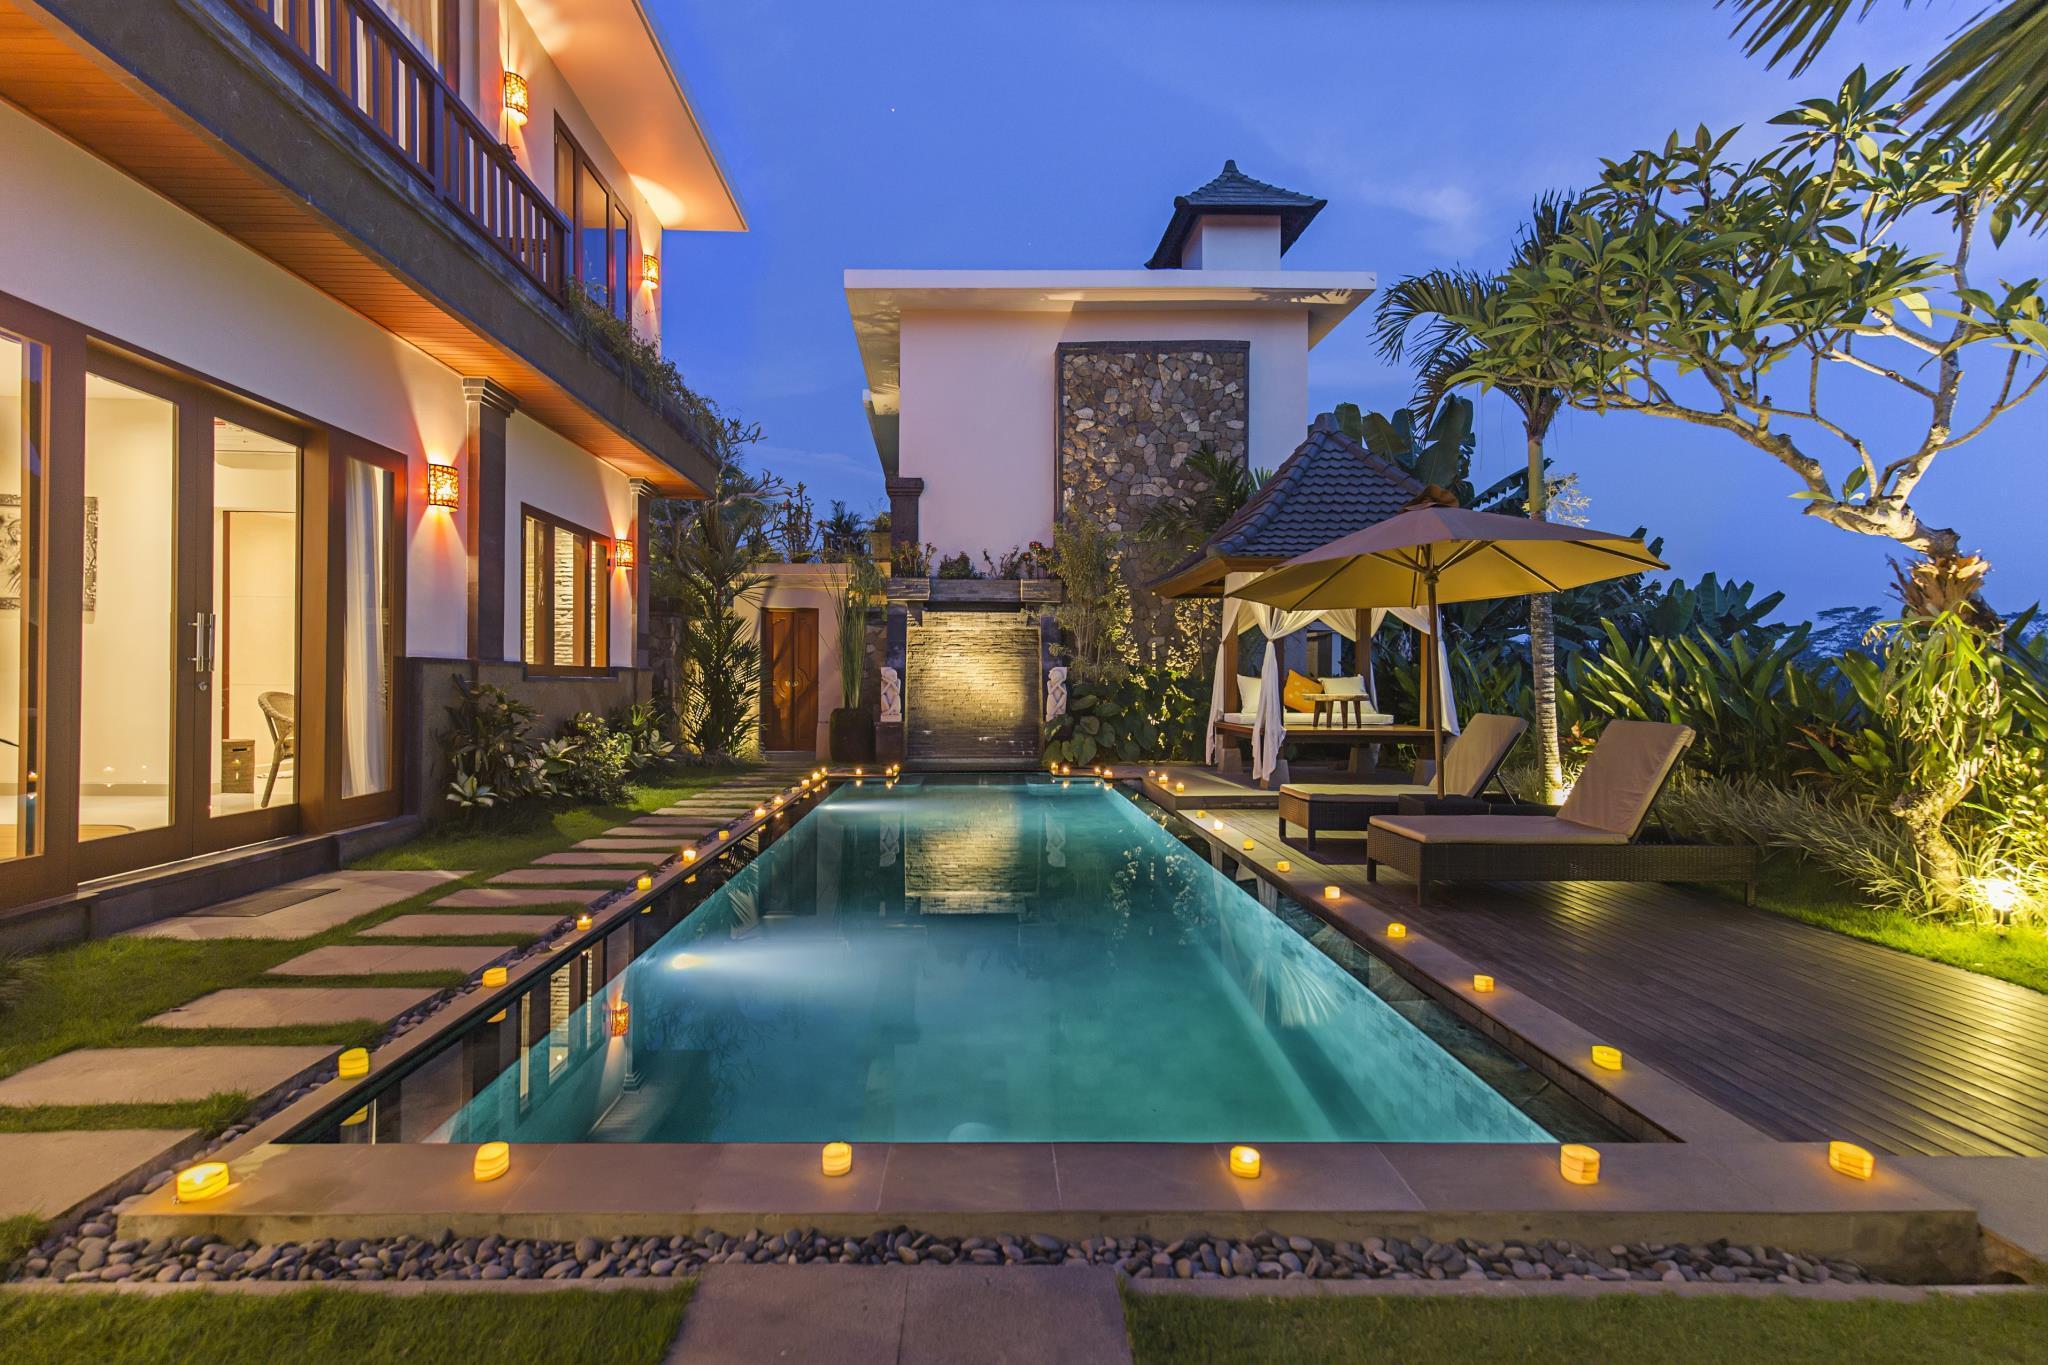 Alosta Luxury Private Villa